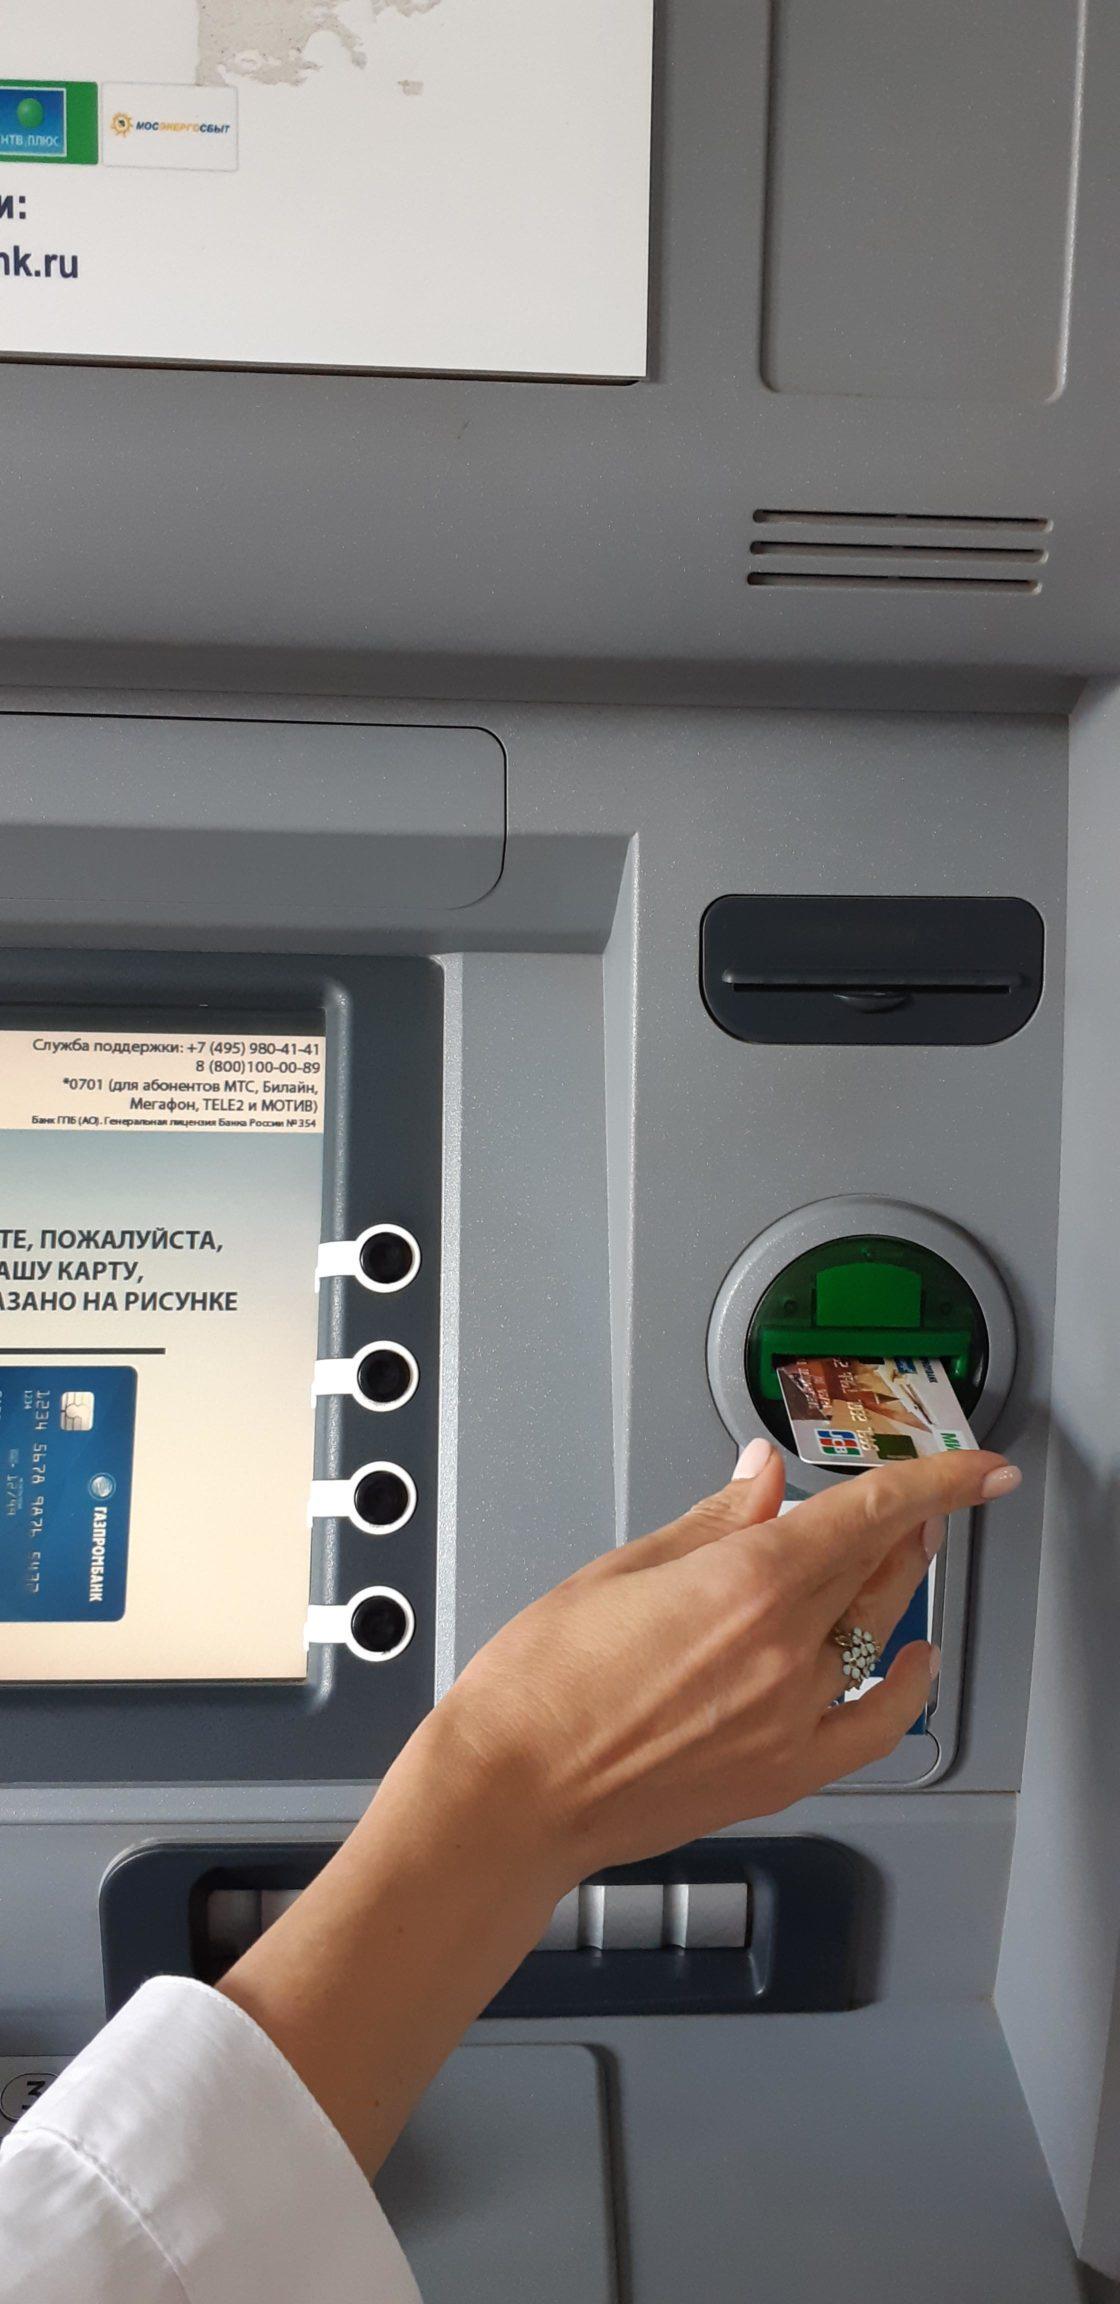 Регистрация в Интернет Банке через банкомат шаг 1